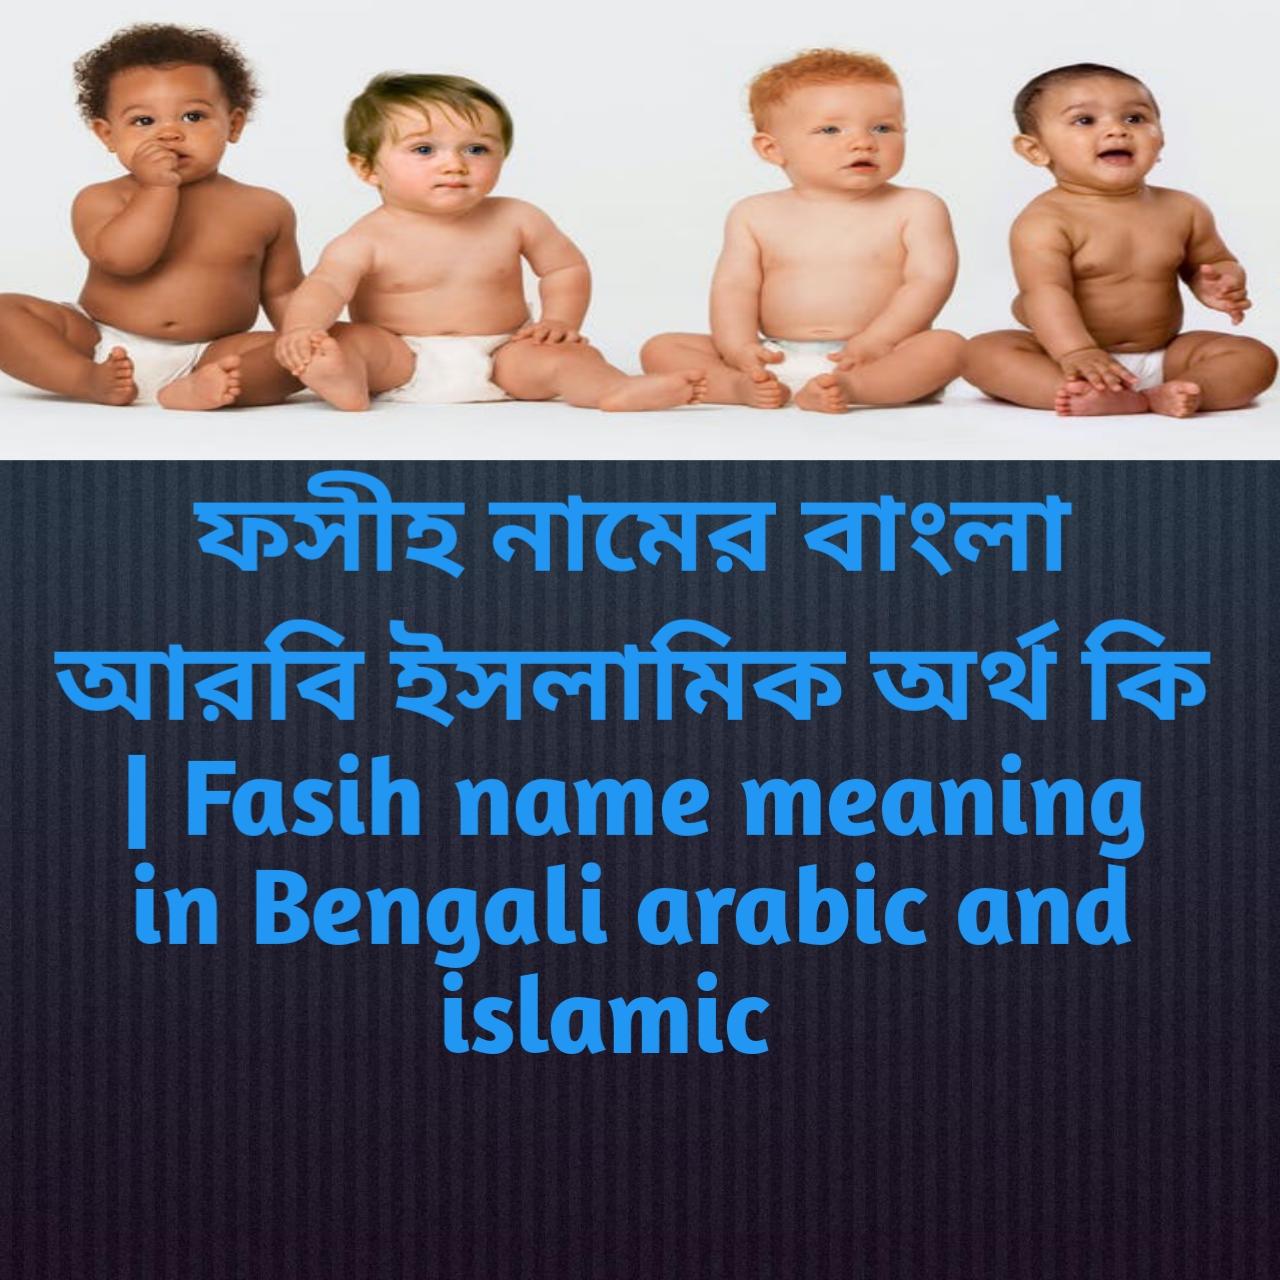 ফসীহ নামের অর্থ কি, ফসীহ নামের বাংলা অর্থ কি, ফসীহ নামের ইসলামিক অর্থ কি, Fasih name meaning in Bengali, ফসীহ কি ইসলামিক নাম,